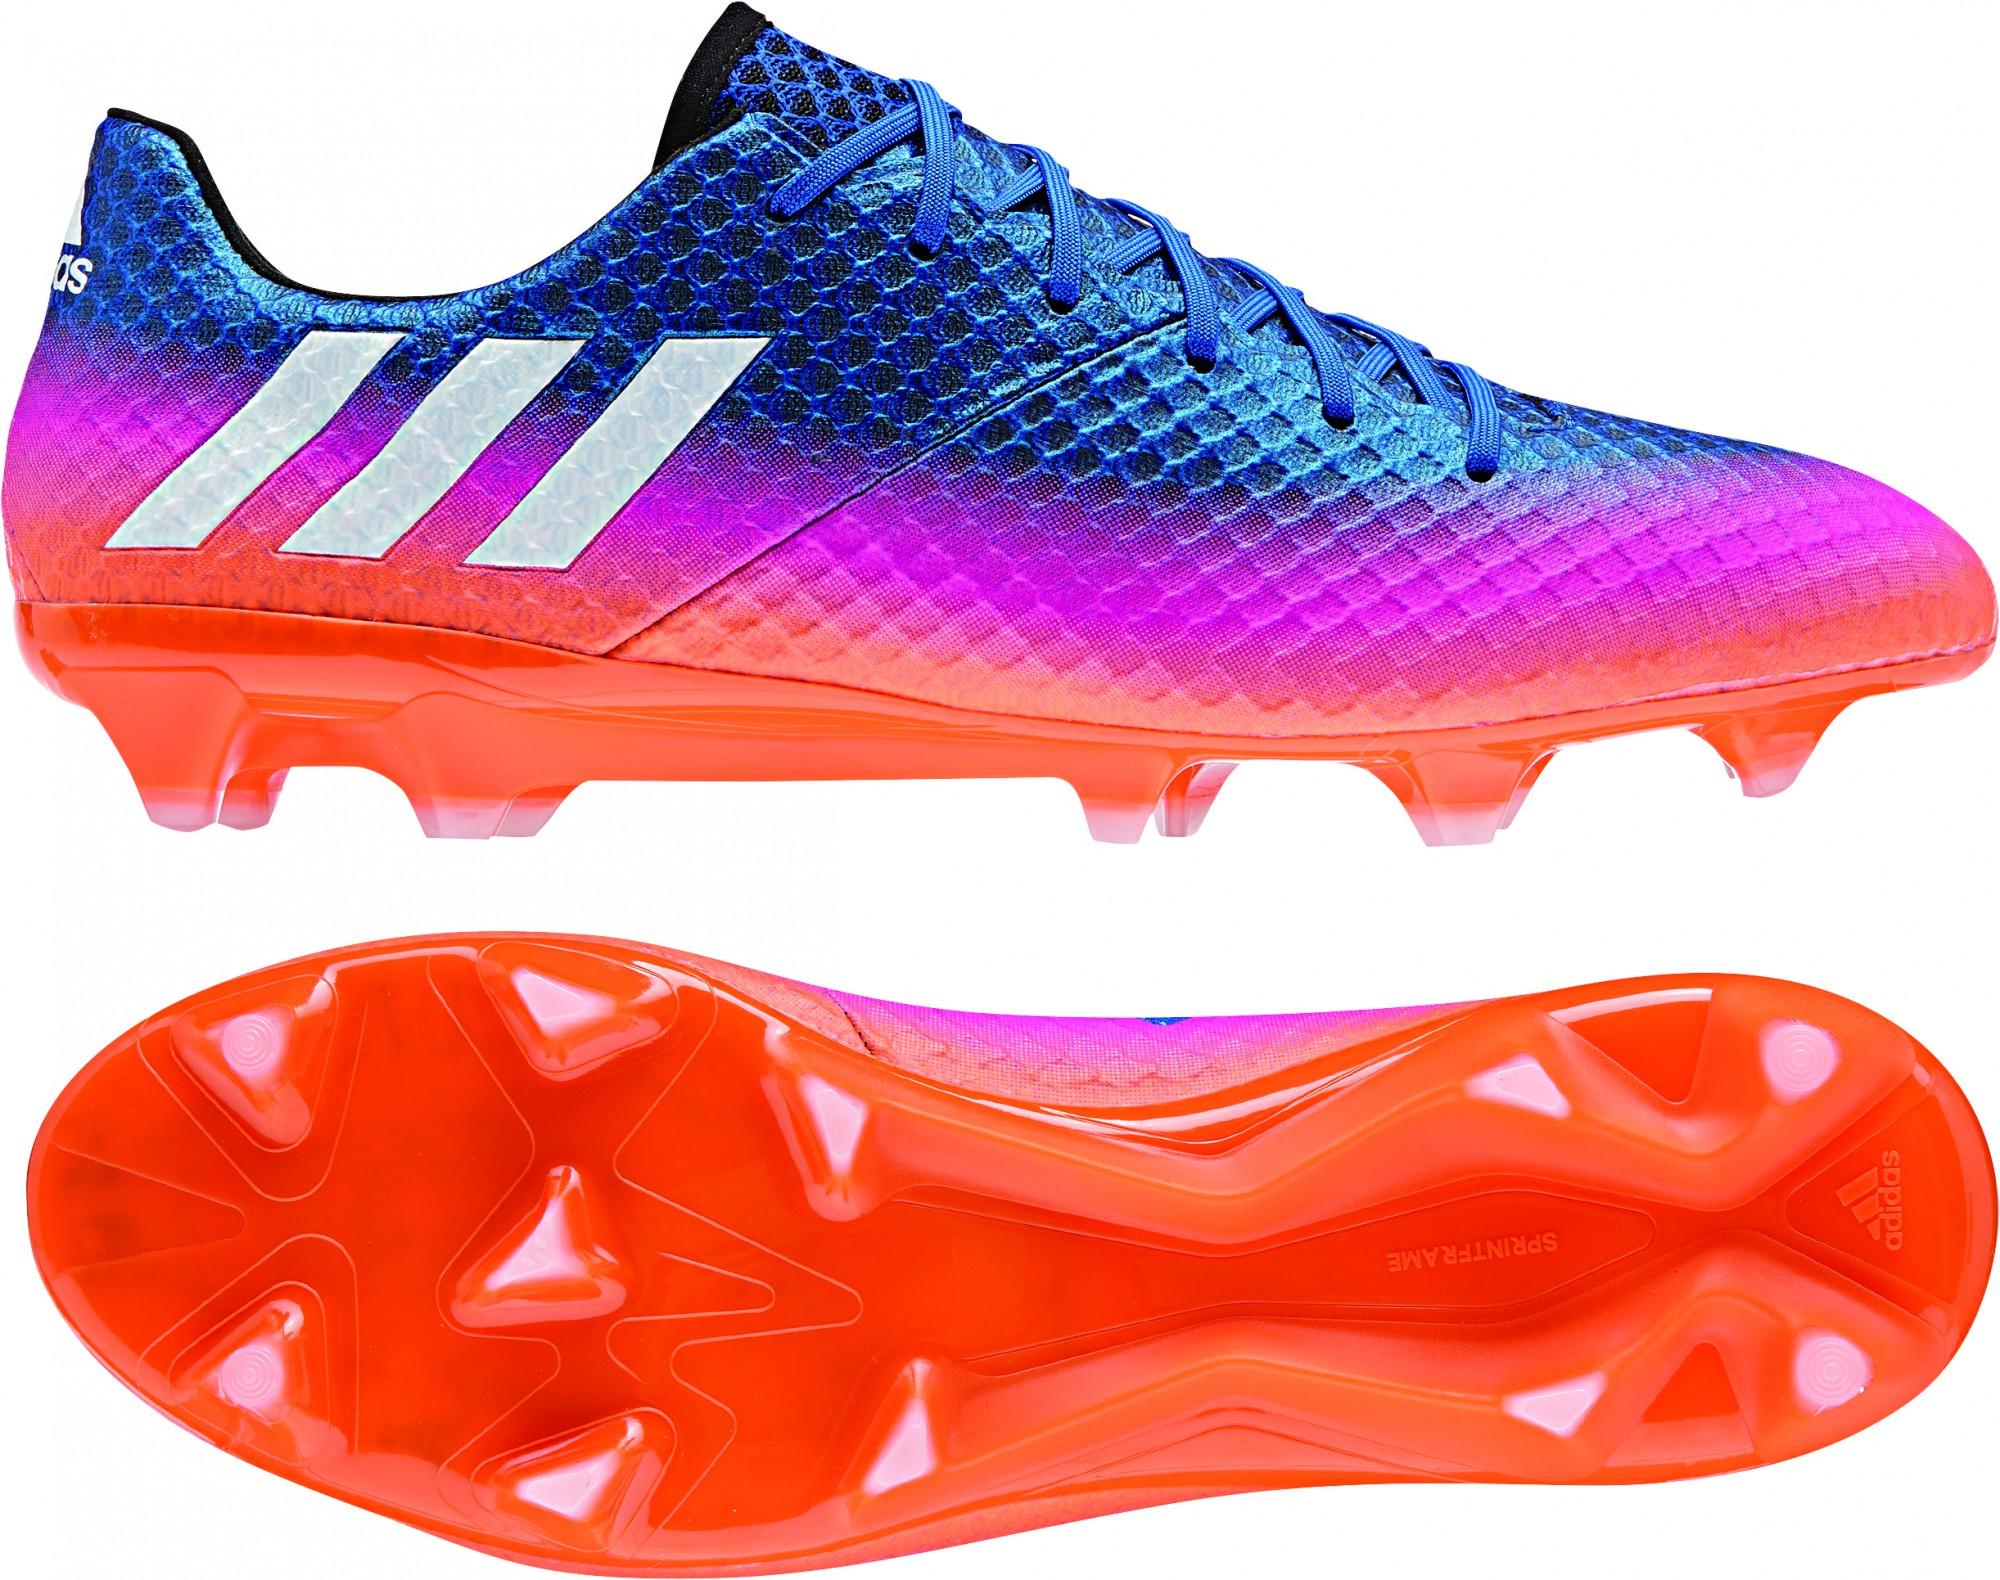 Blau Adidas Fußballschuhe Messi Fg Pink 16 1 Orange Schuhe ...